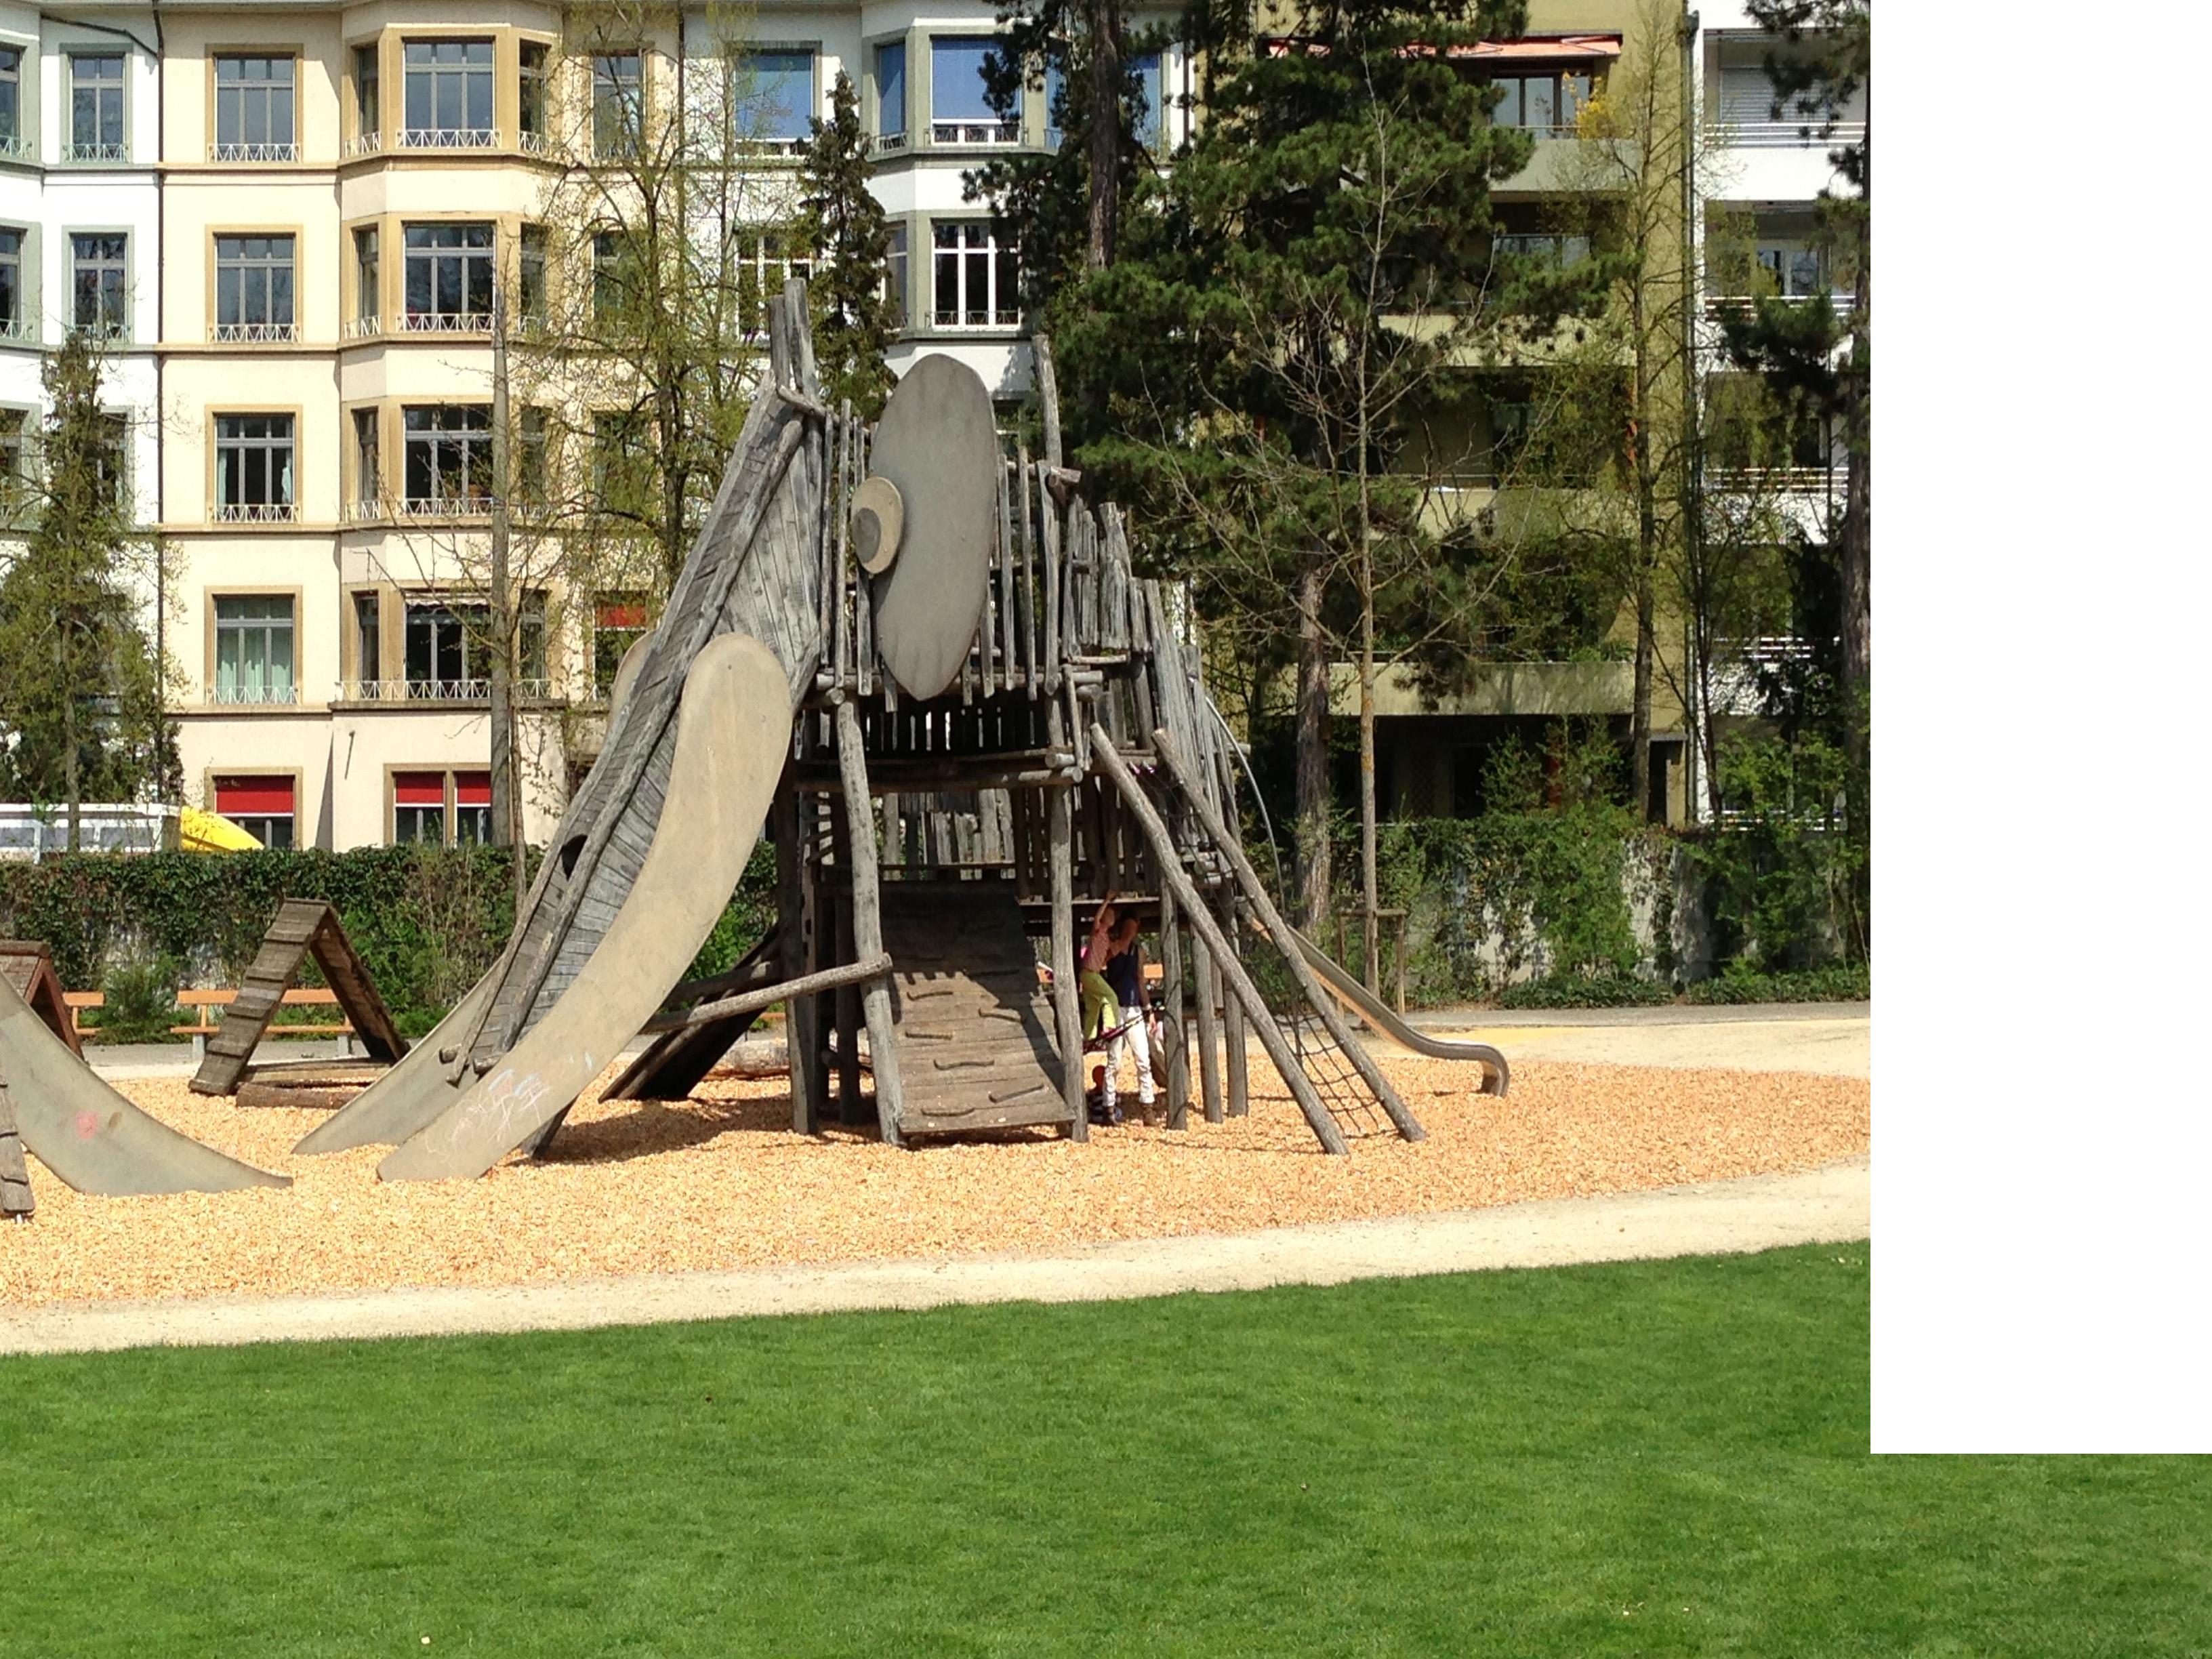 FileMargarethenpark Spielplatz mit Elefantjpg  Wikimedia Commons